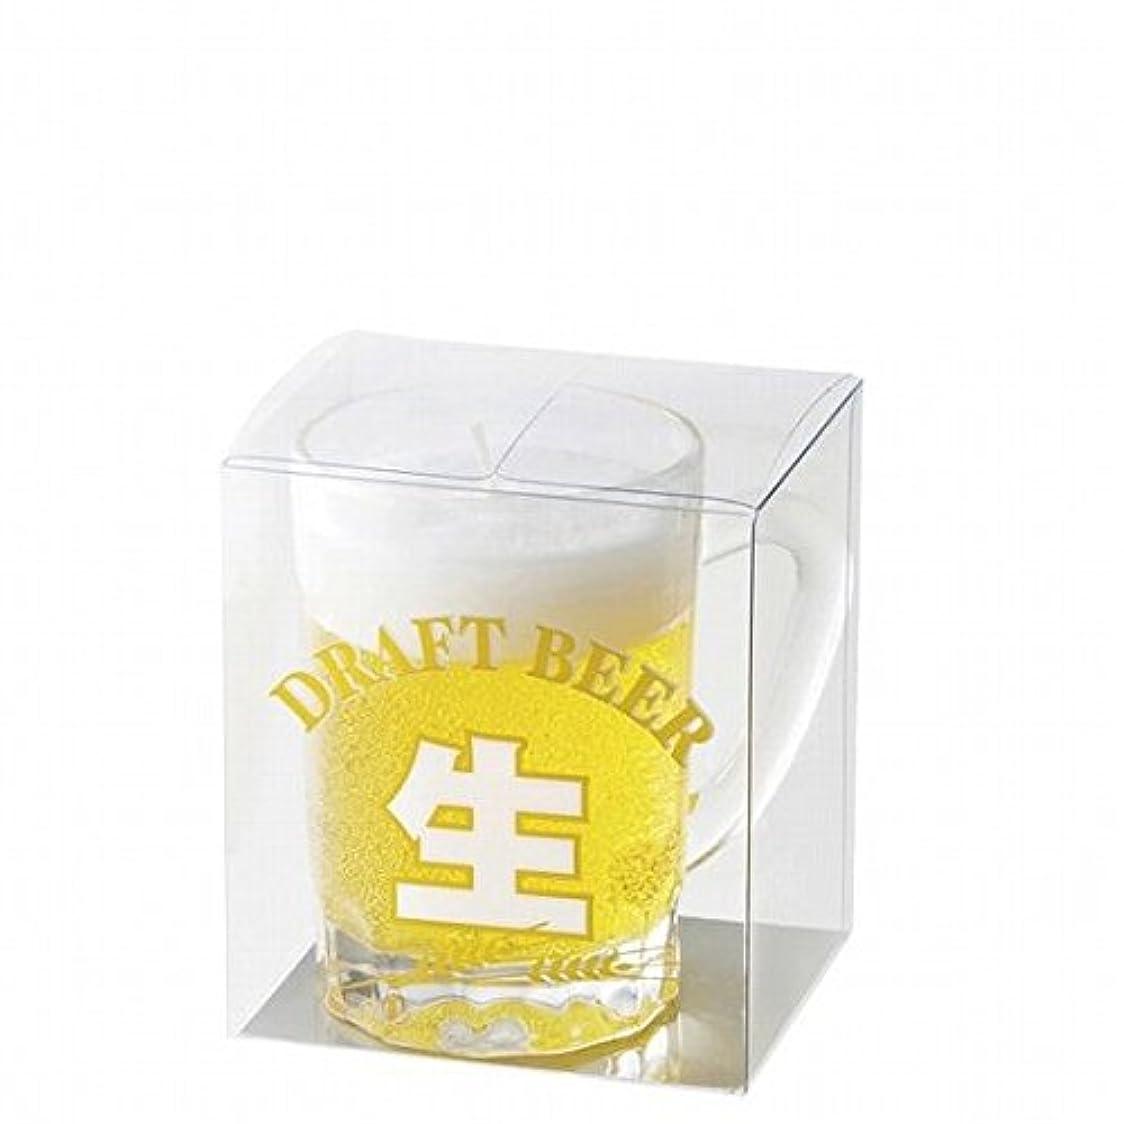 ベスビオ山地域の飾り羽kameyama candle(カメヤマキャンドル) ミニジョッキ キャンドル(86000010)